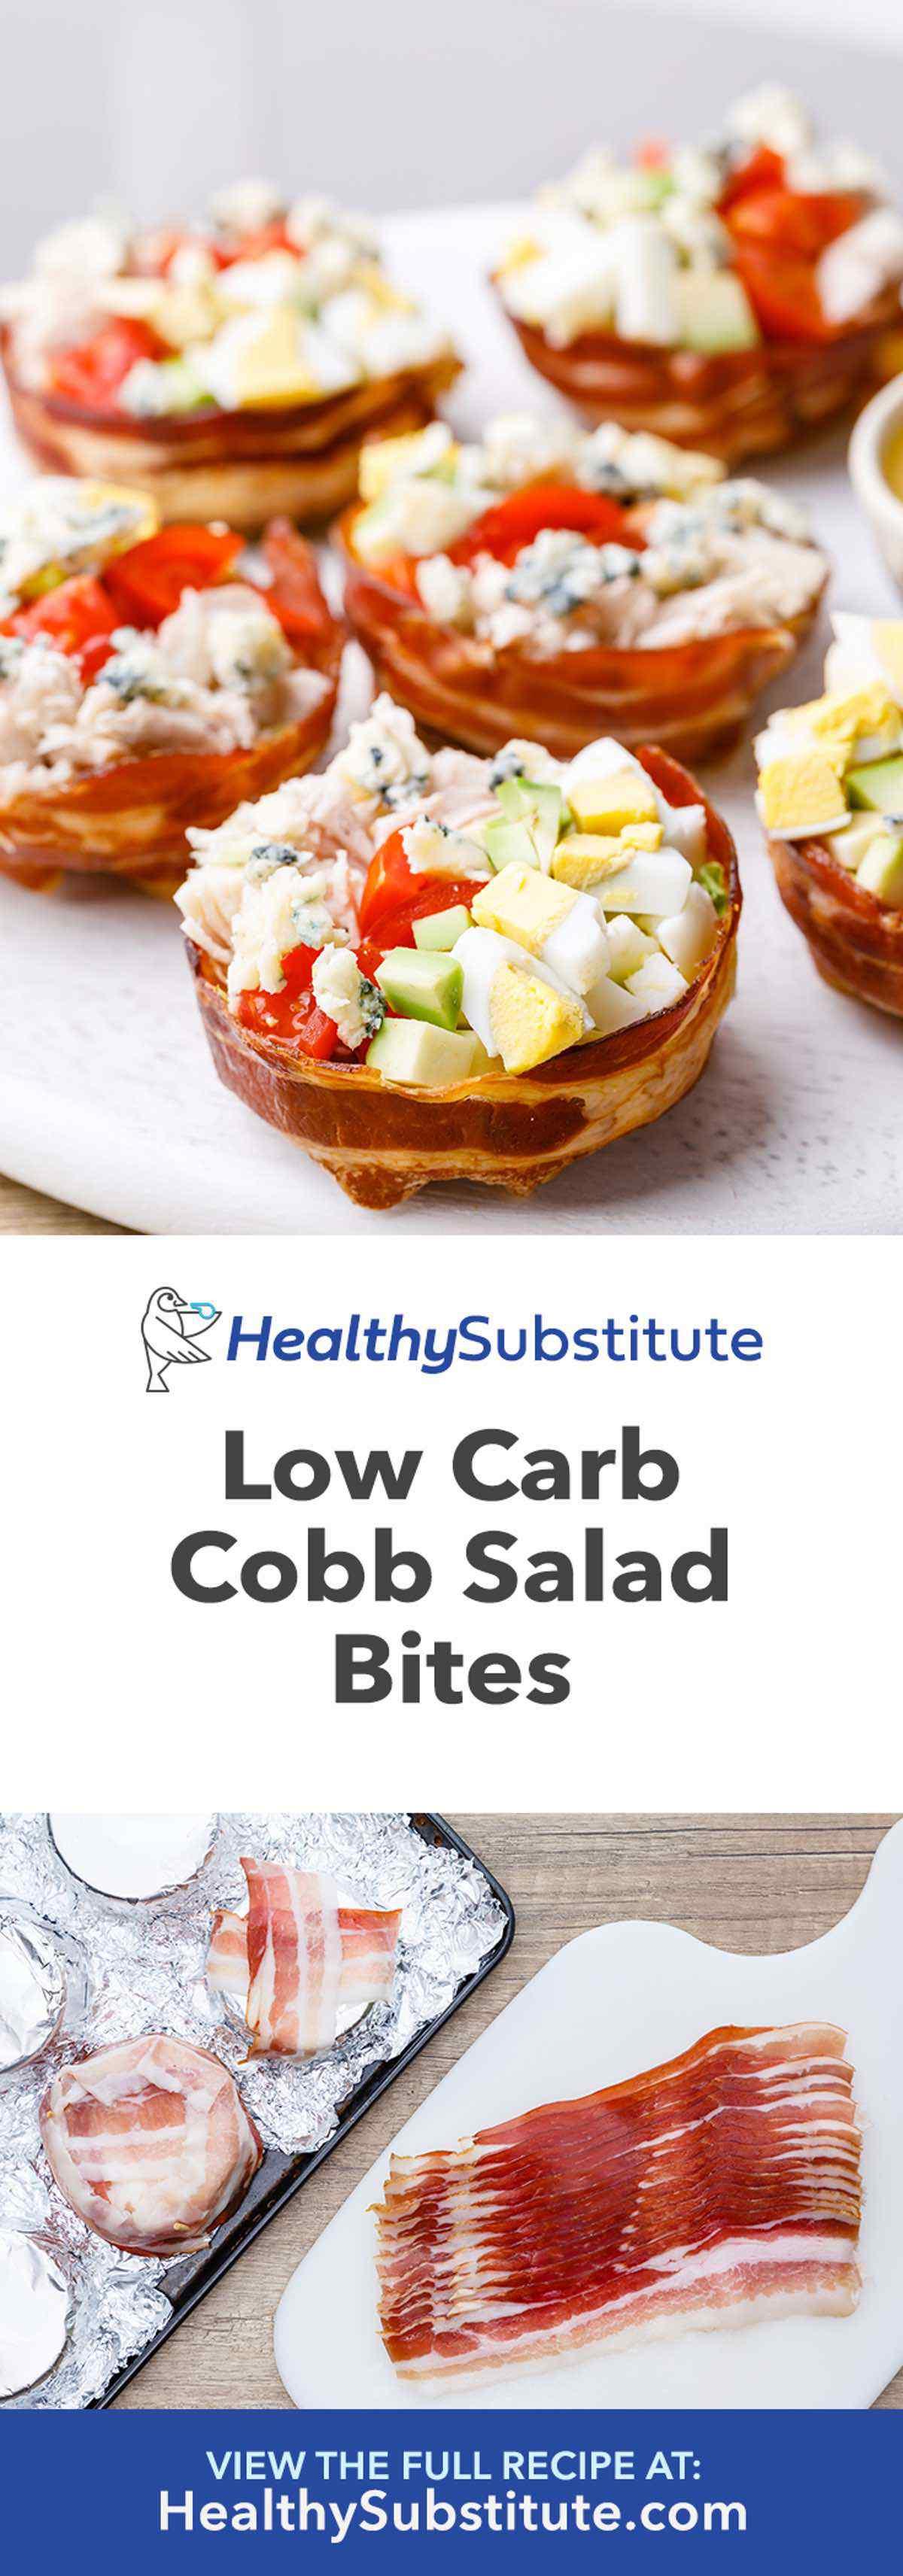 Cobb Salad Bites